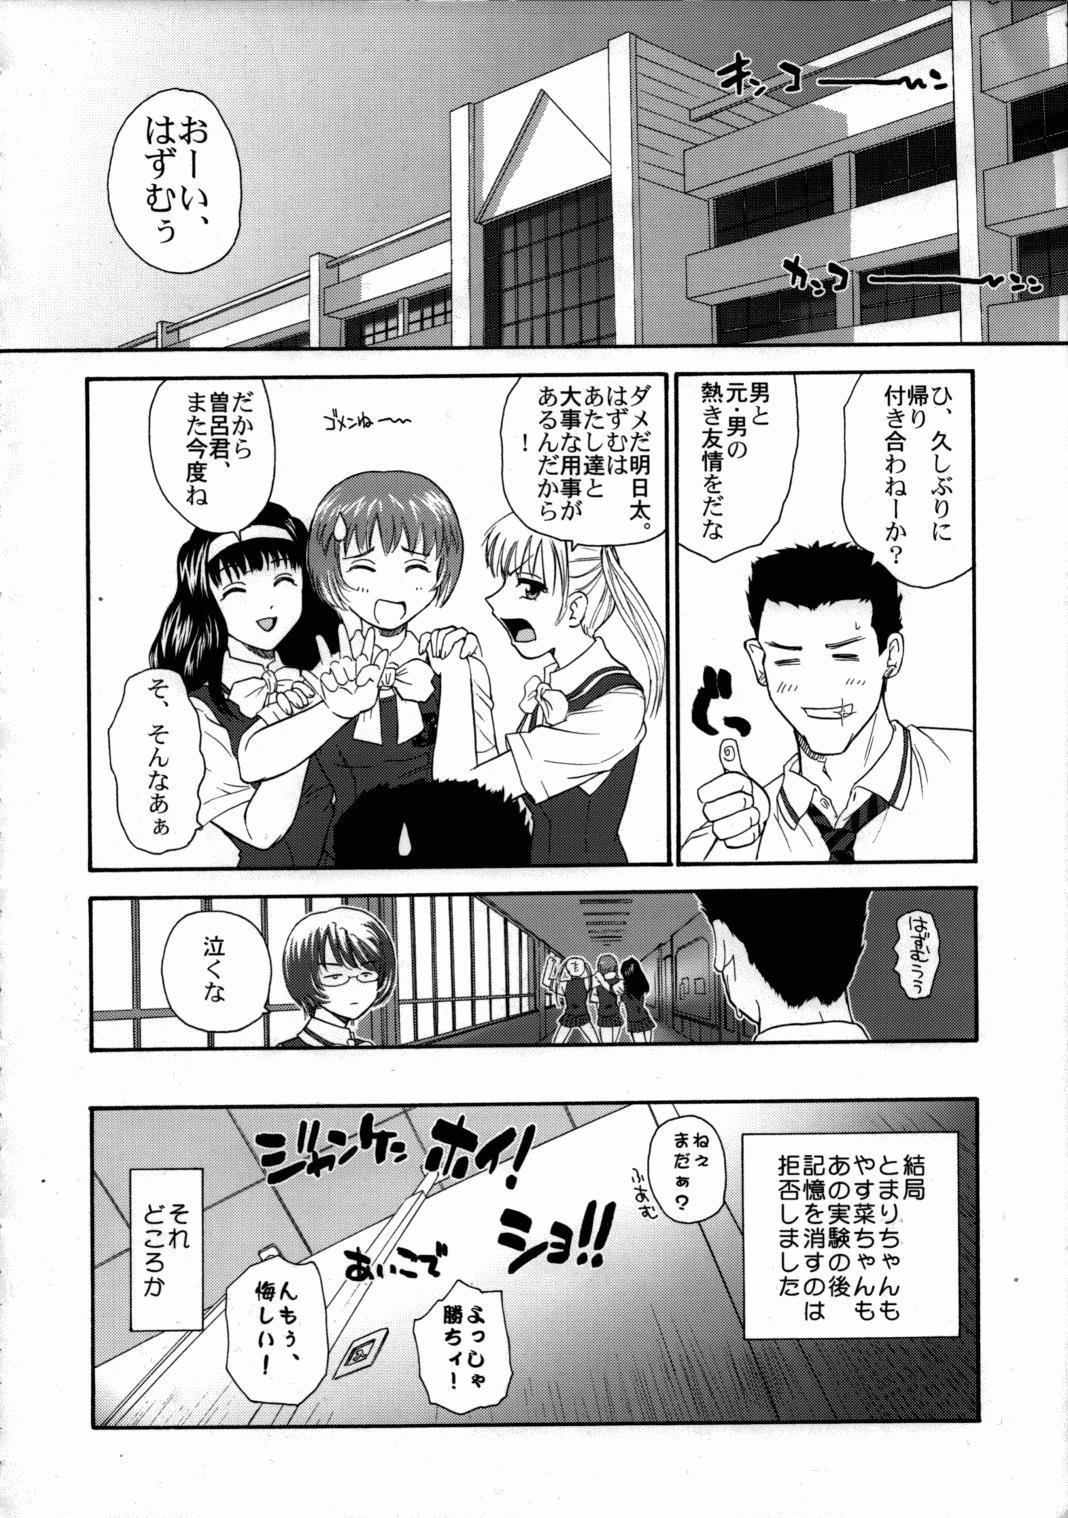 Kanshimashi 34